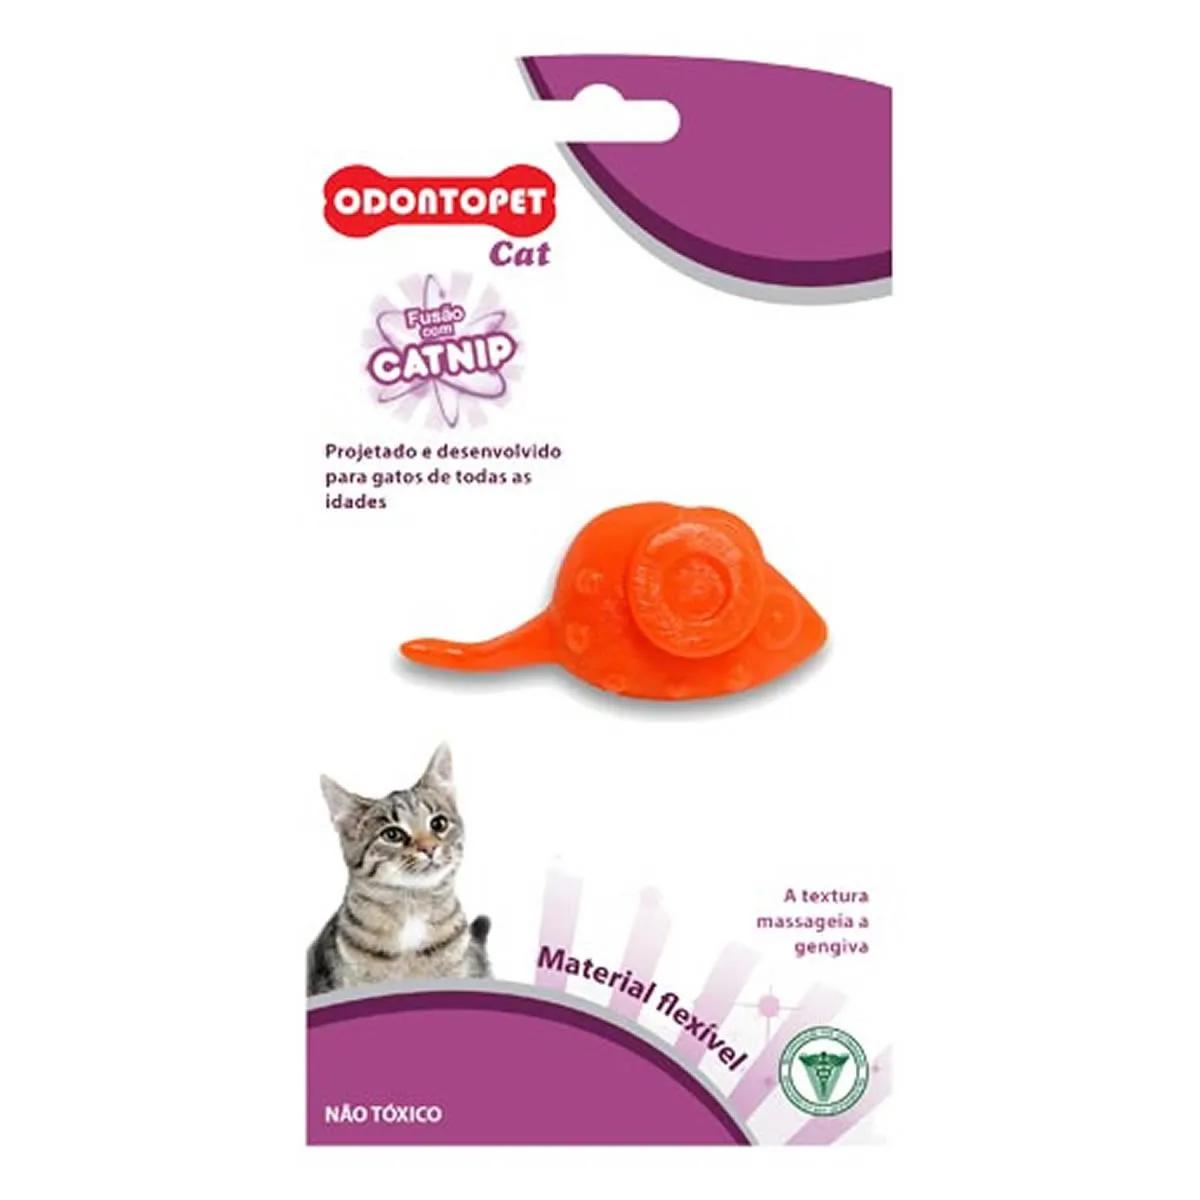 Brinquedo para Gato com Catnip Odontopet Cat Mouse Laranja